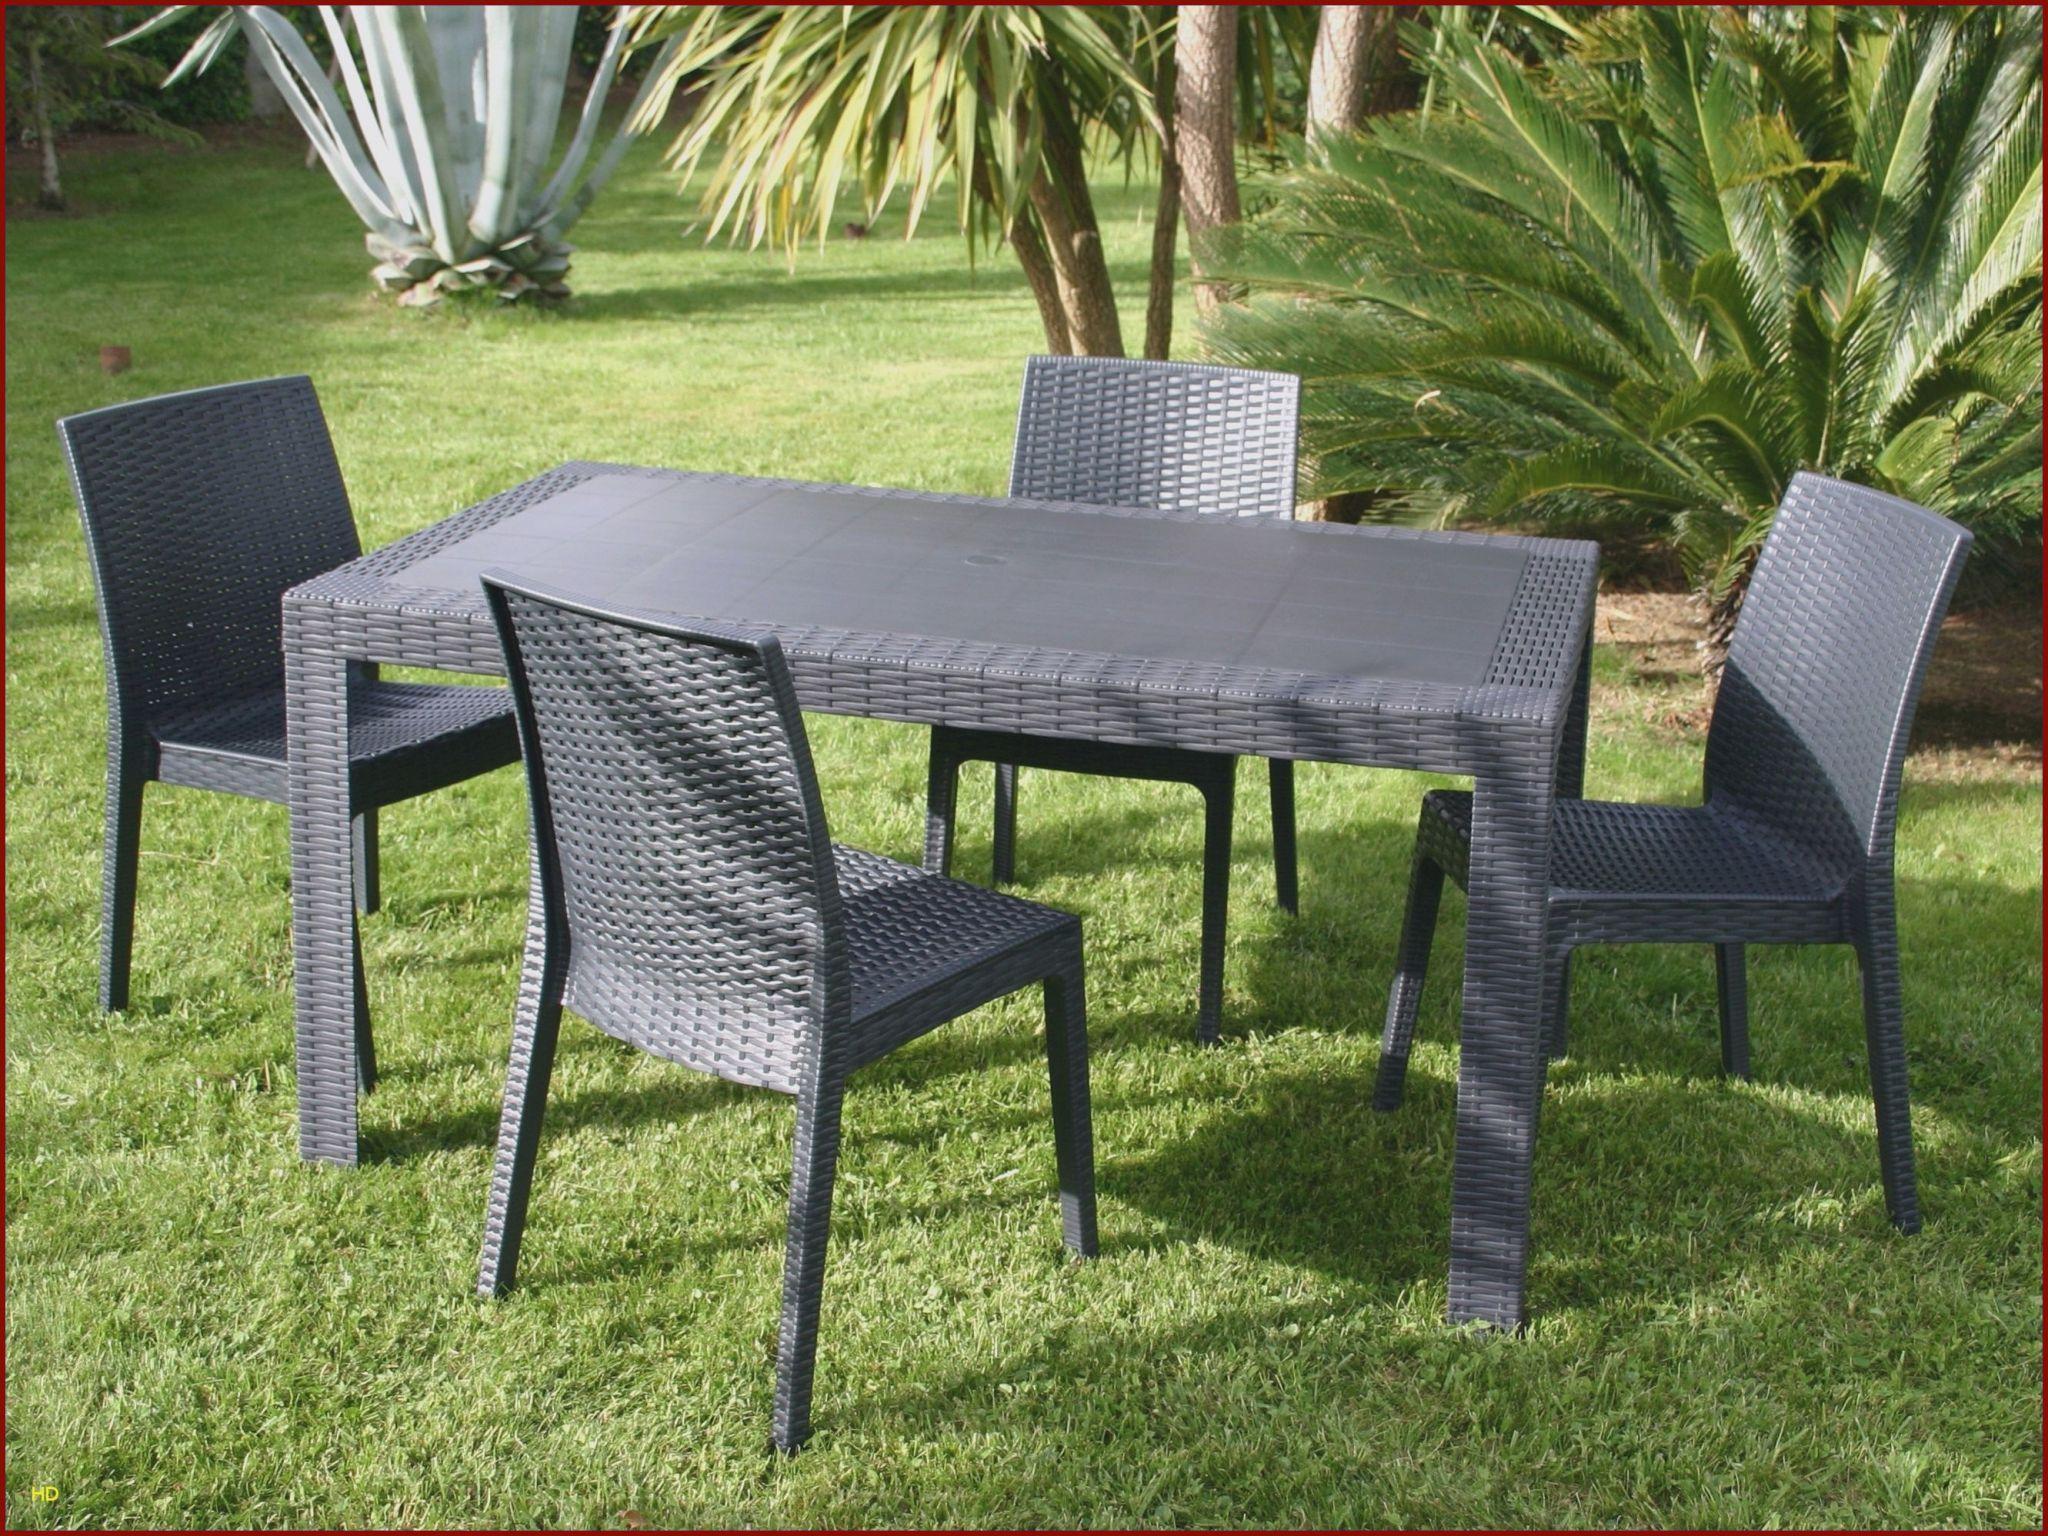 Table Ronde Salon De Jardin Élégant Chaises Luxe Chaise Ice 0d Table Jardin Resine Lovely